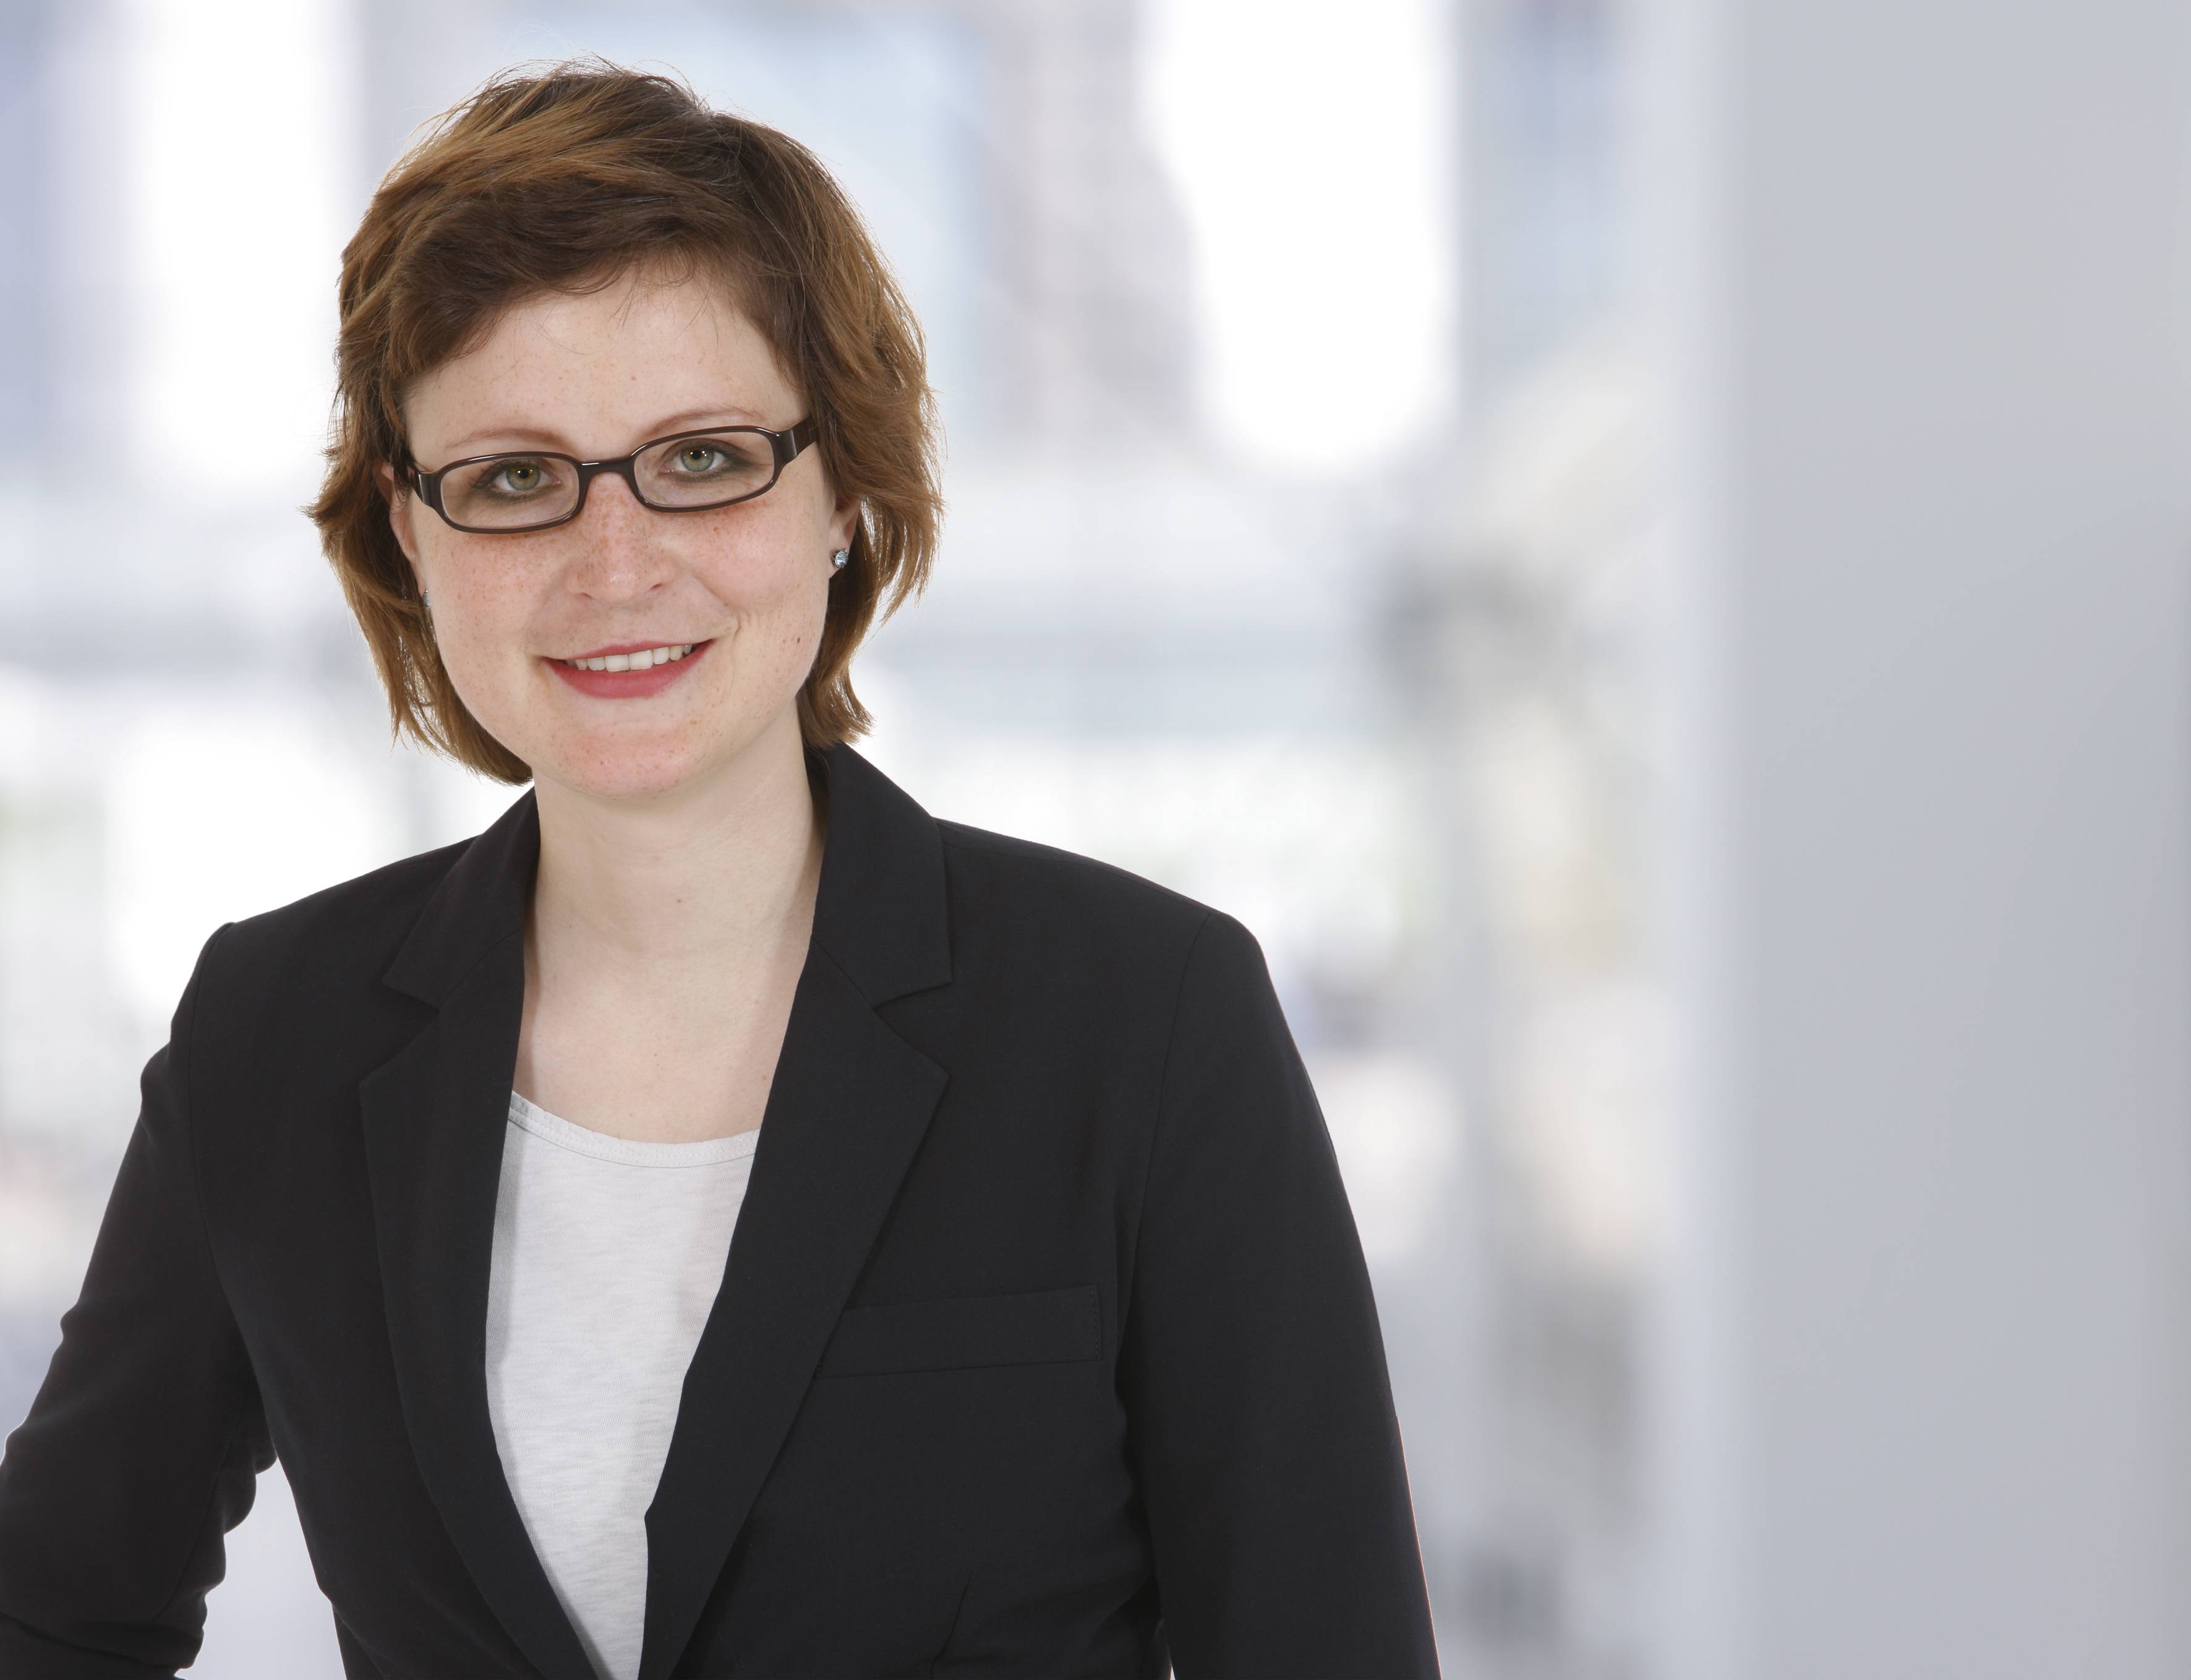 Esther Döringer